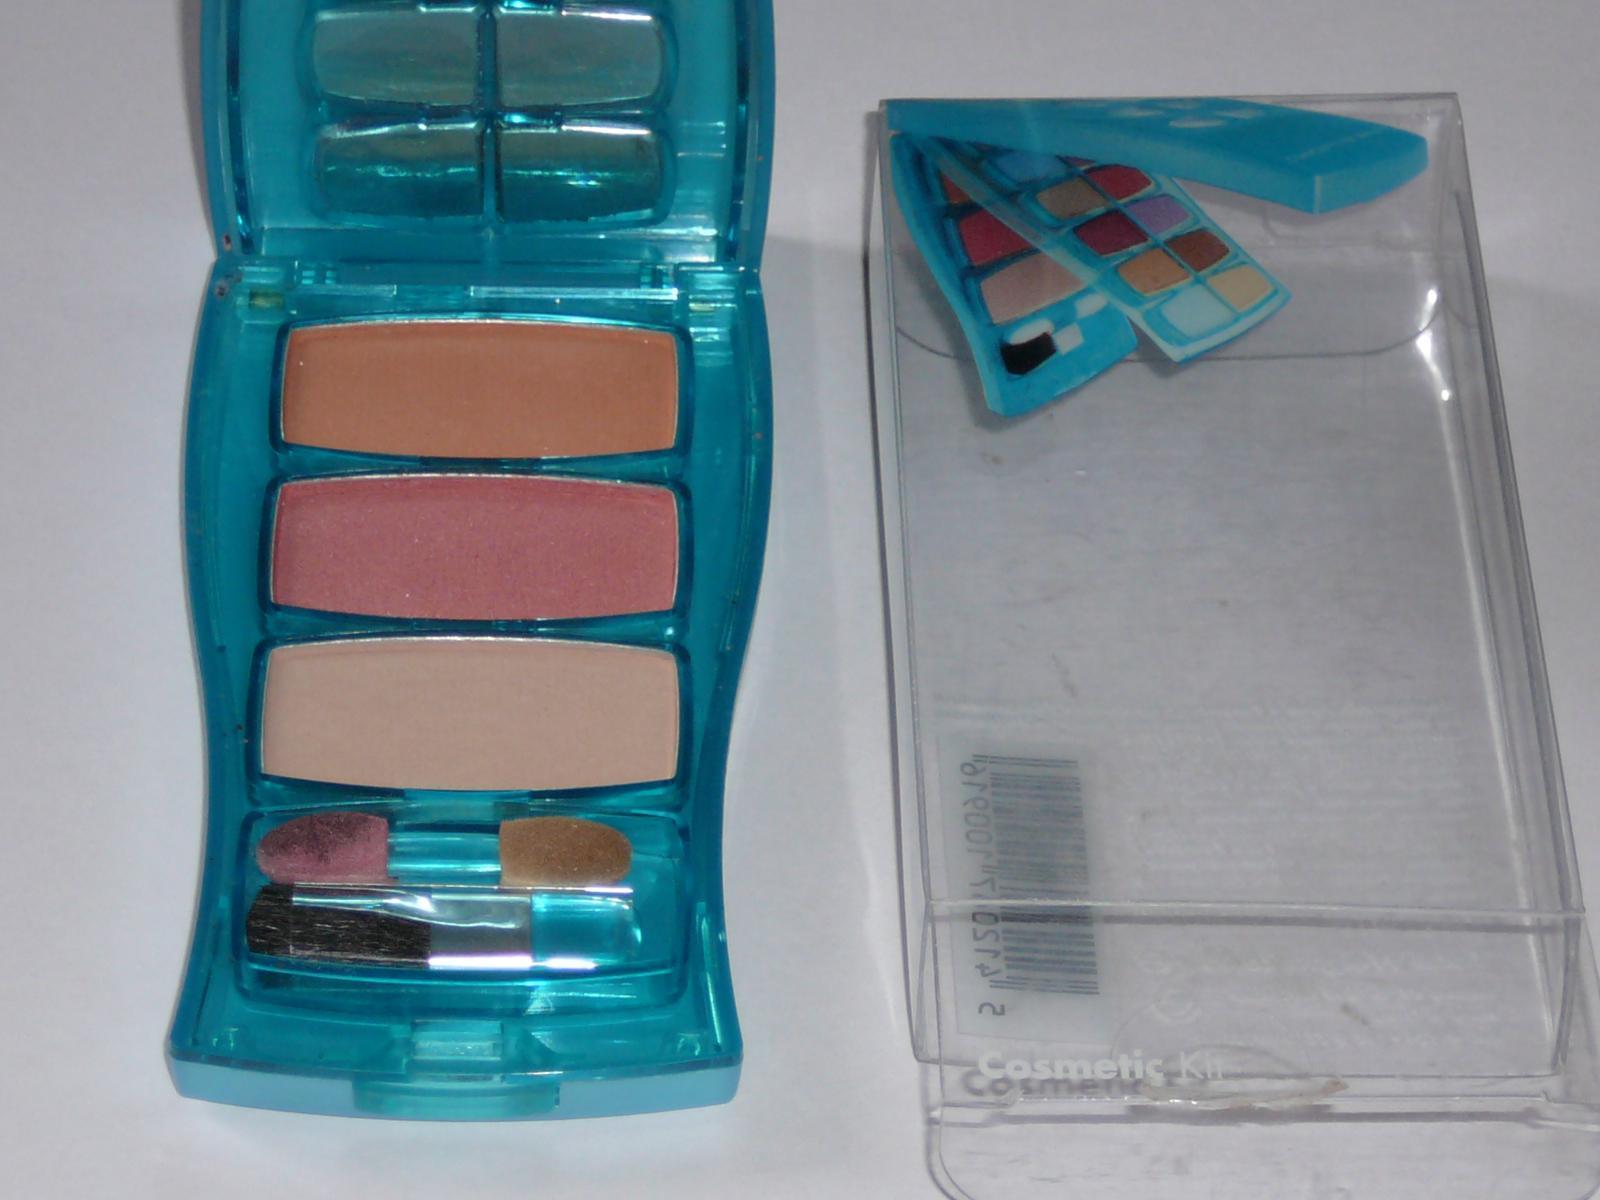 troc de troc palette de maquillage image 2